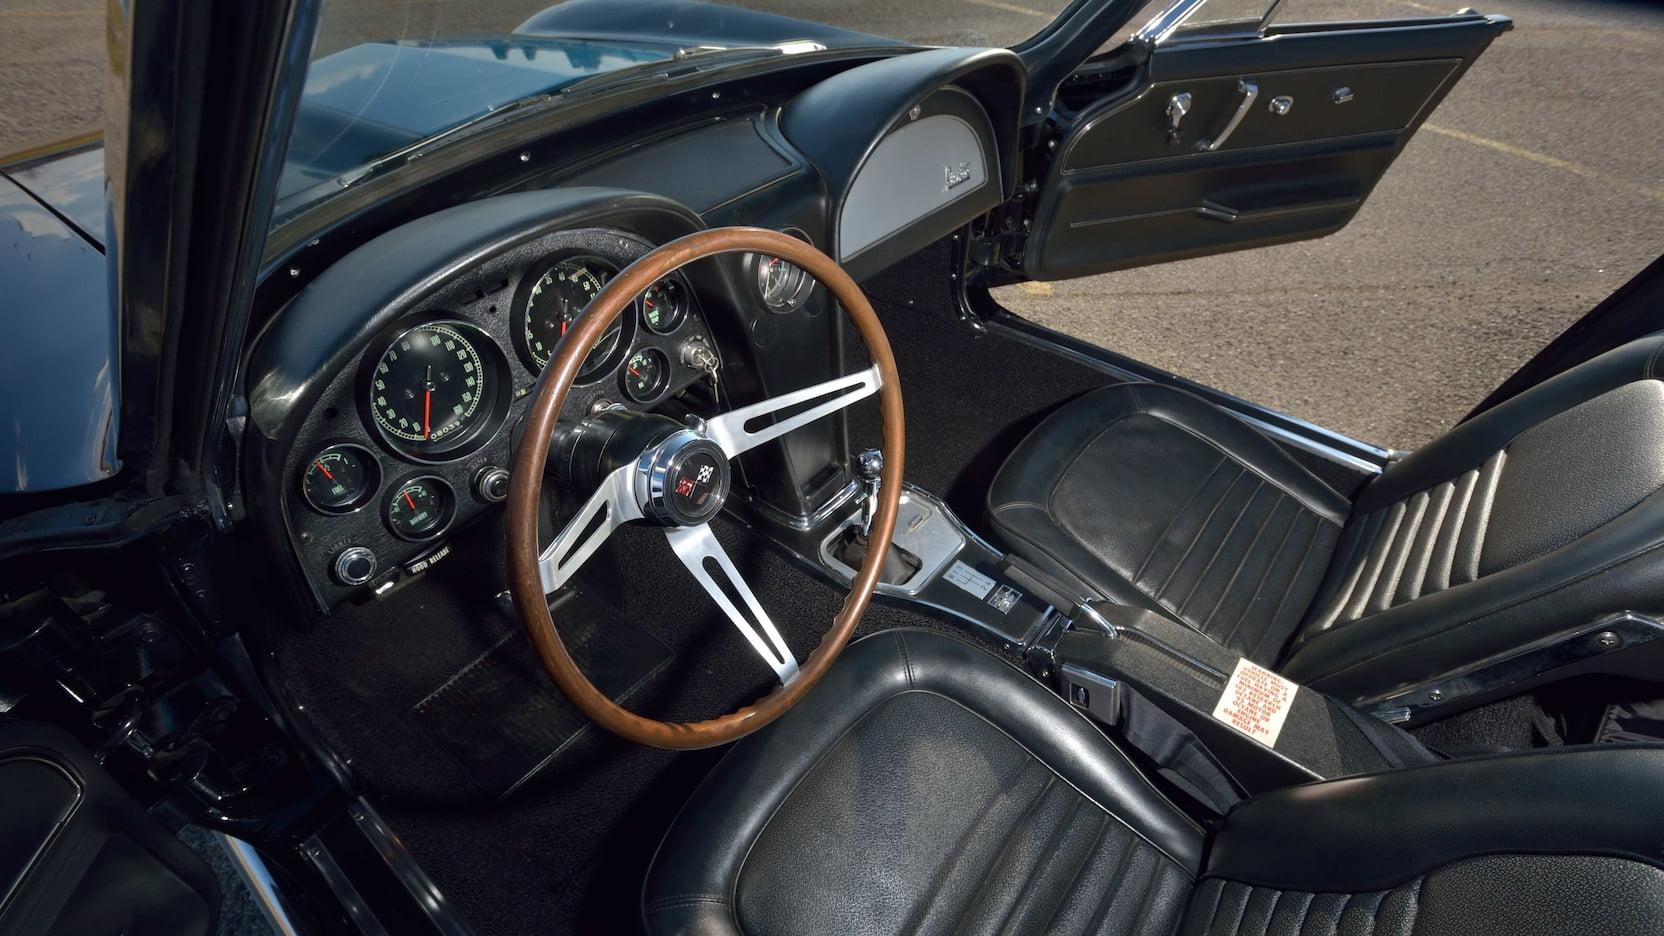 1967 Chevrolet Corvette L88 Convertible Interior